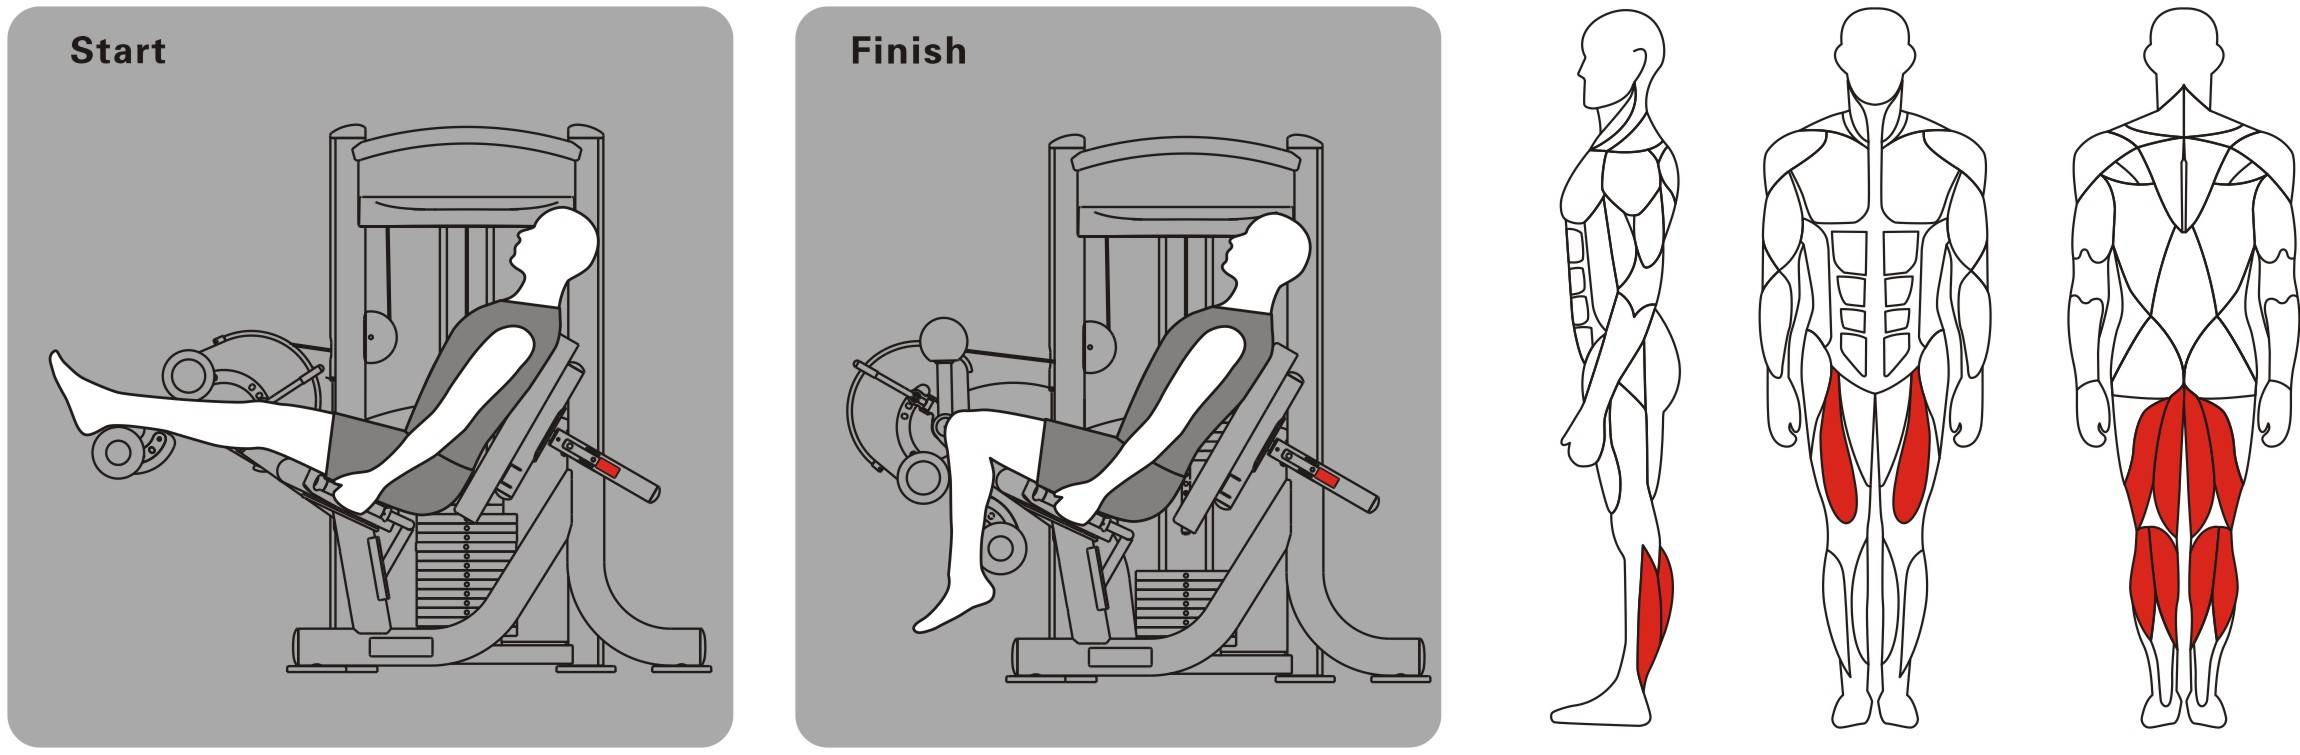 Cгибание ног в тренажере: техника выполнения лежа на животе, стоя и сидя